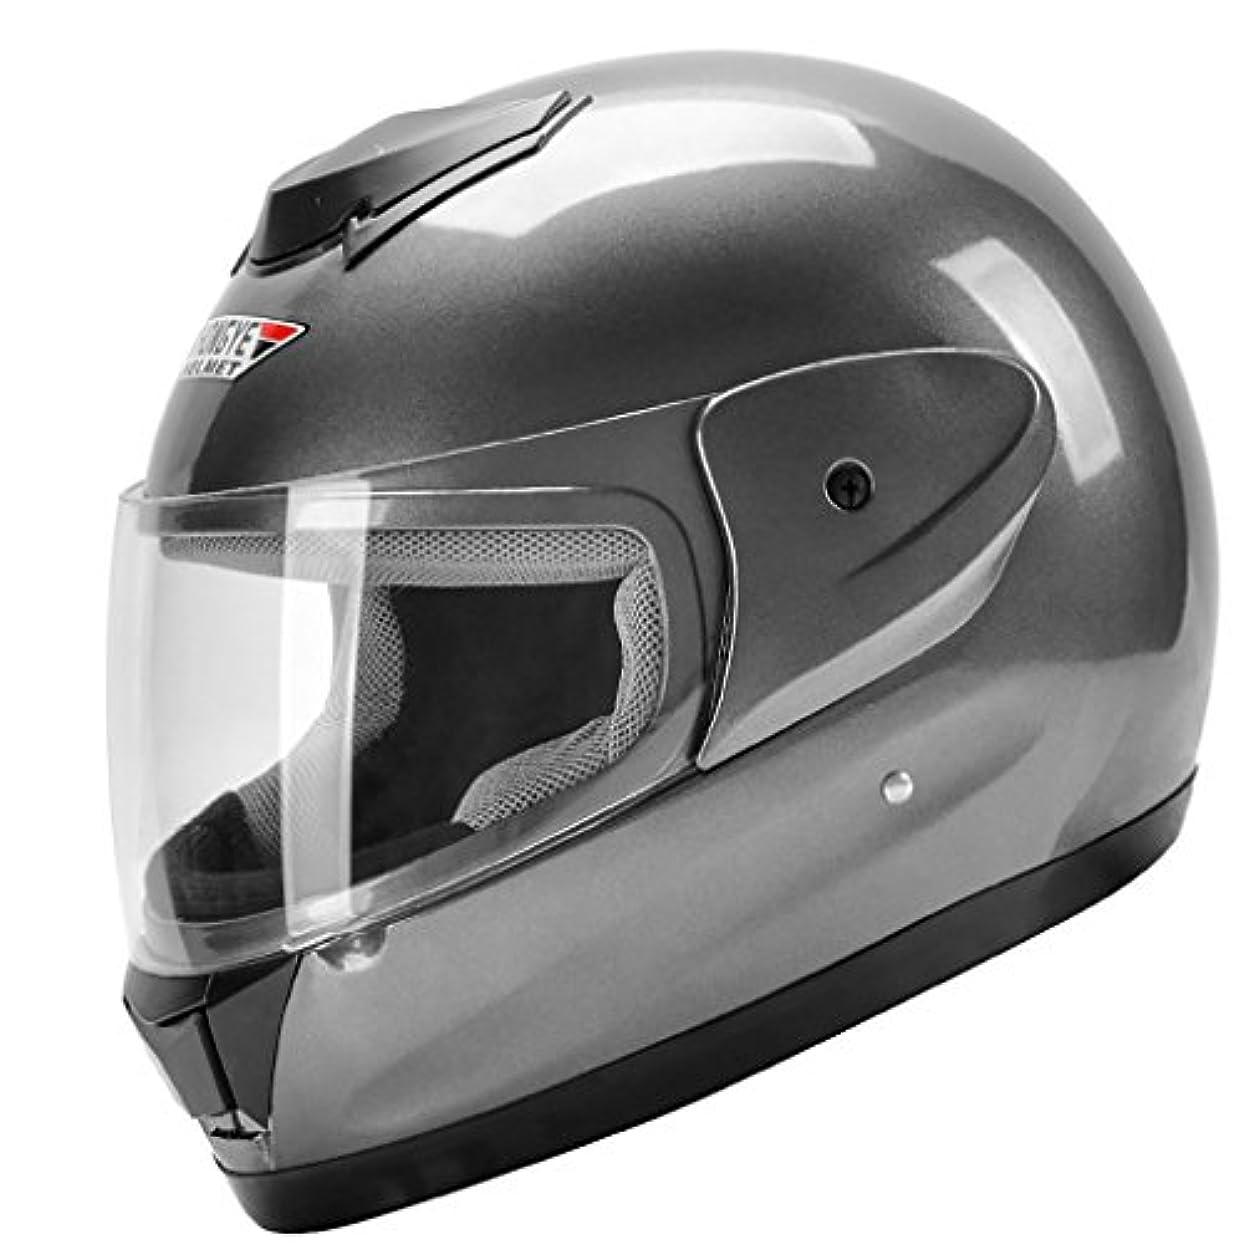 租界一次シェーバーヘルメット ヘルメット/メンズMオートバイヘルメット夏日保護ヘルメットフォーシーズンユニバーサルマルチカラー軽量パーソナリティファッションヘルメット (色 : A)